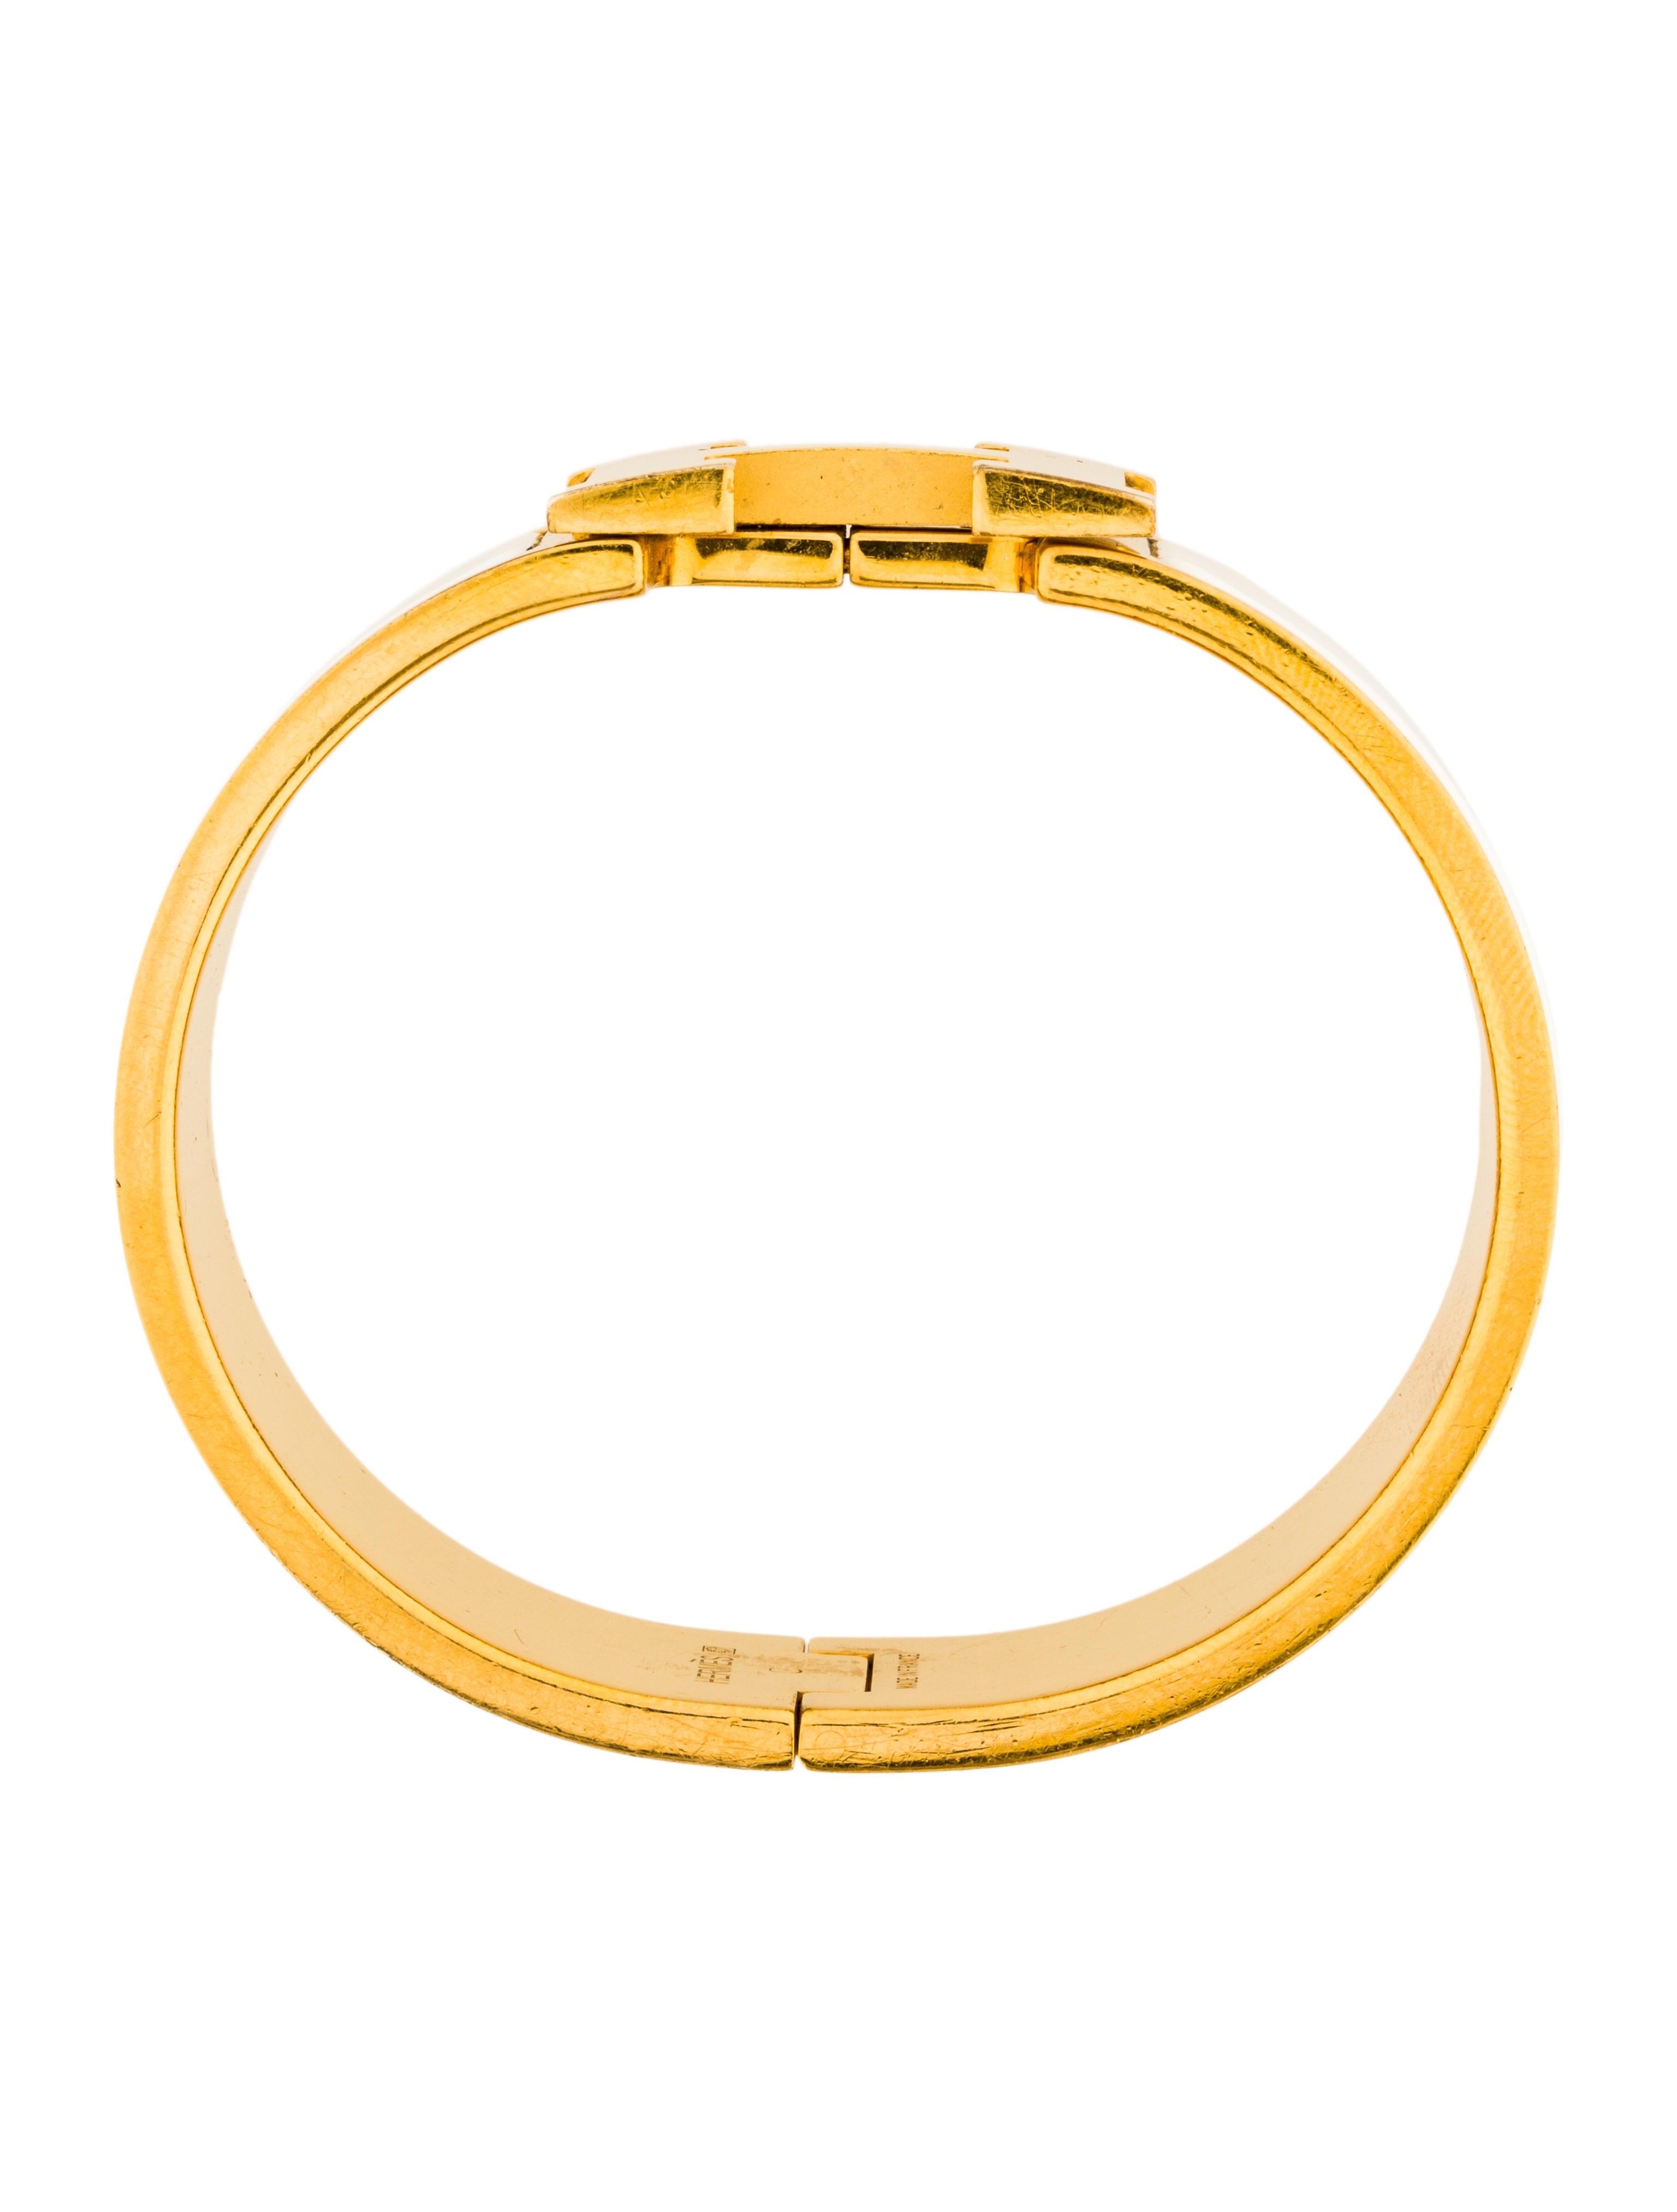 herm s wide clic clac h bracelet bracelets her107925. Black Bedroom Furniture Sets. Home Design Ideas